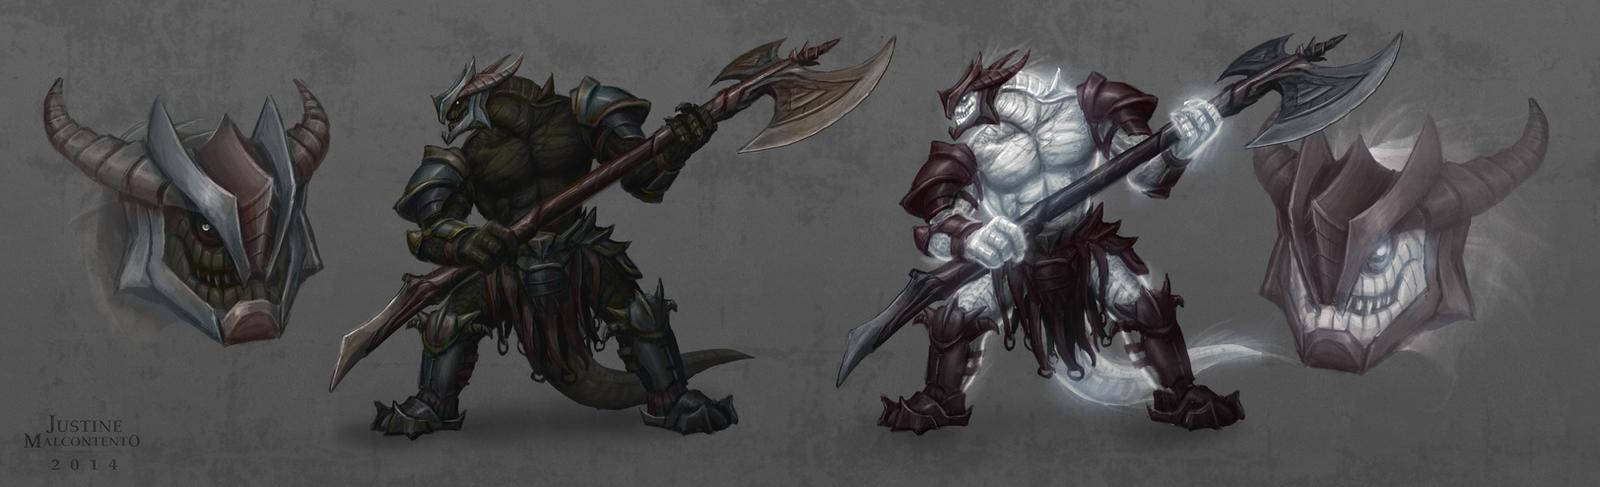 Spectres : Tyrant Warrior